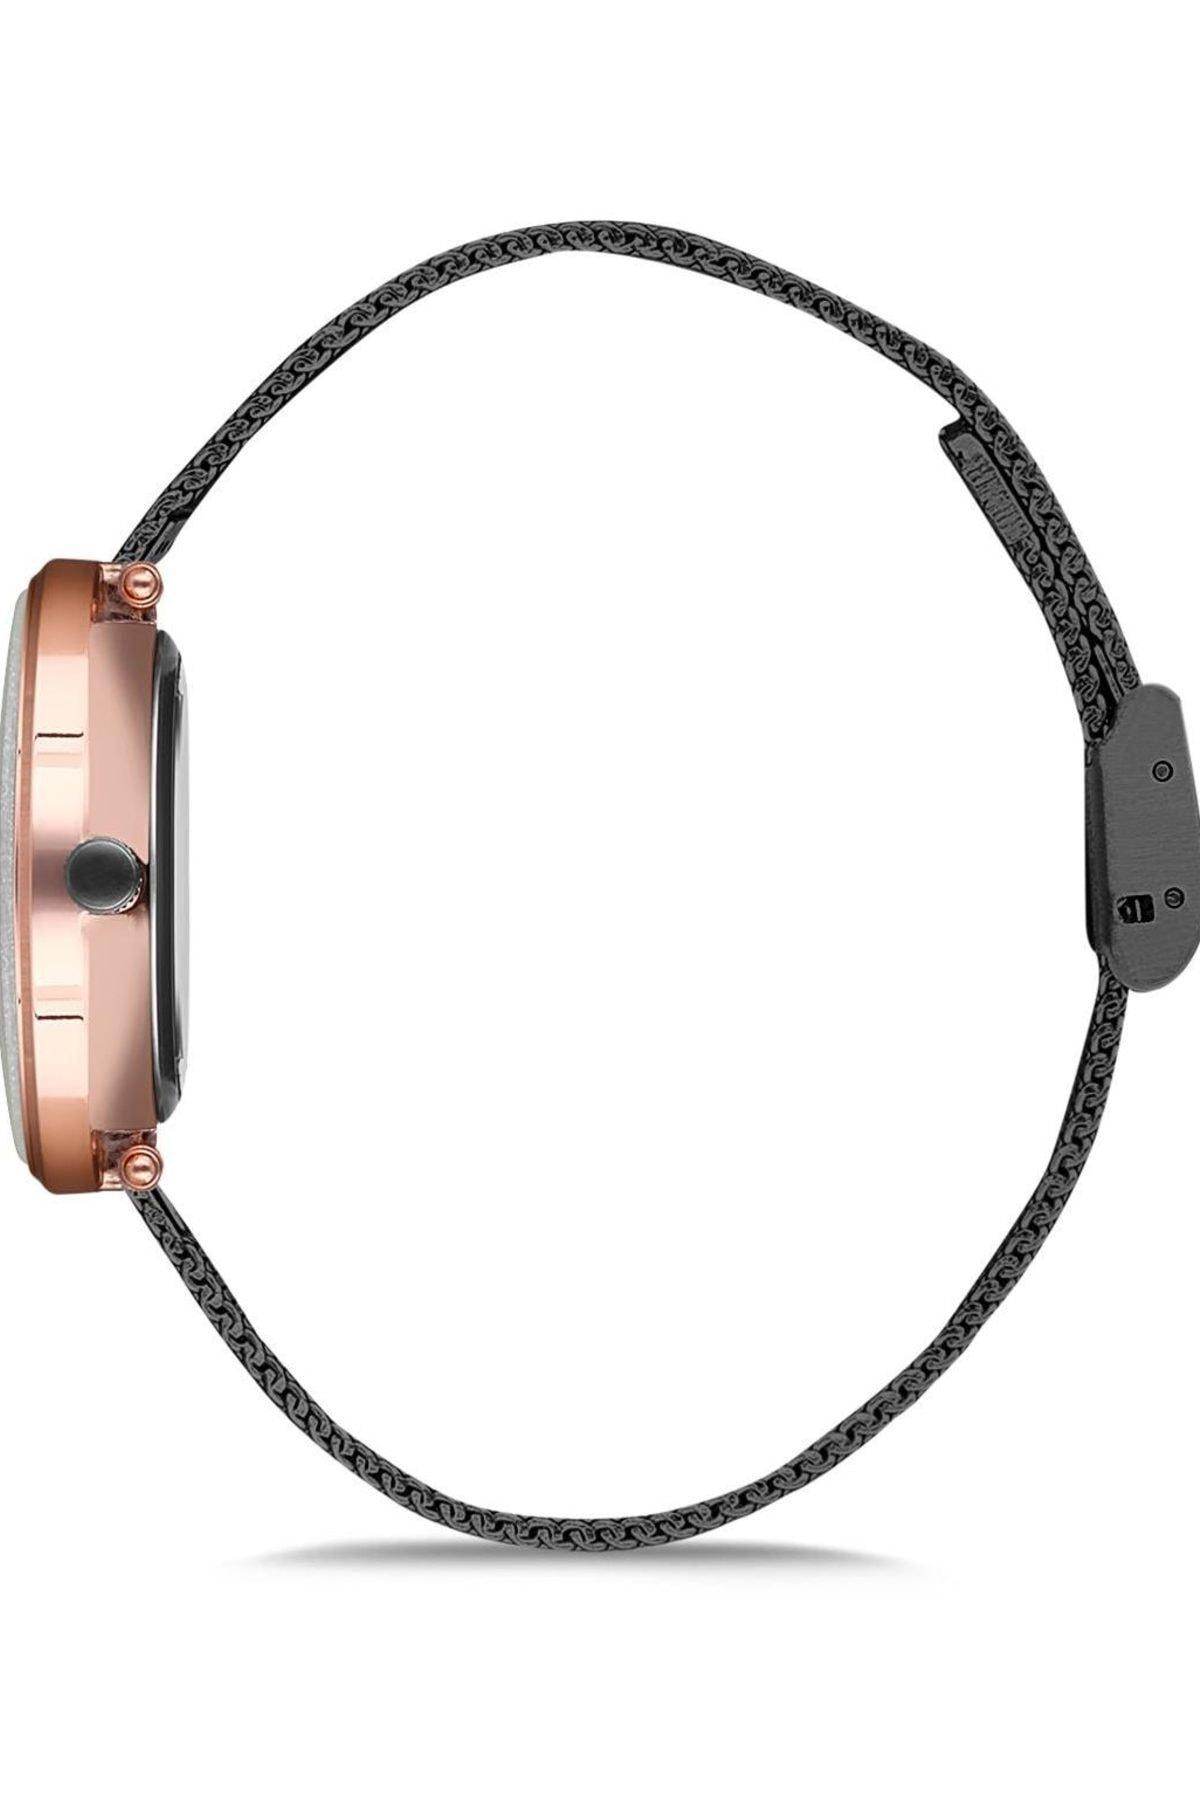 Duke Nickle Kadın Kol Saati XBG17002D 2